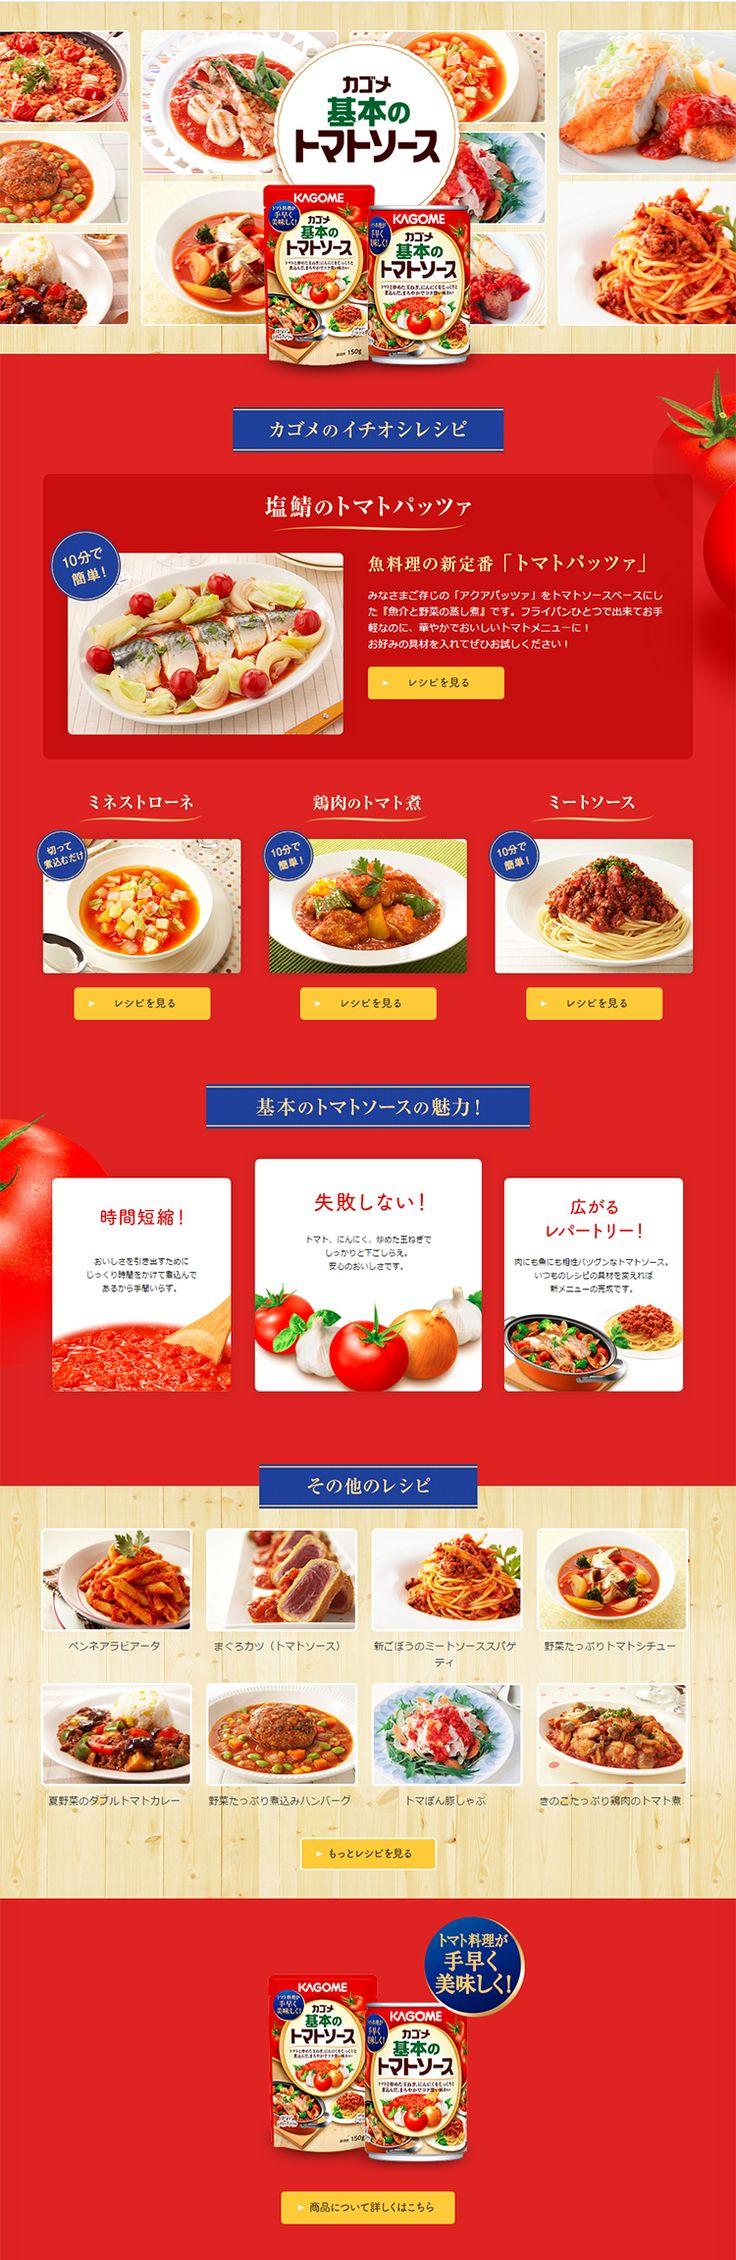 カゴメ基本のトマトソース|WEBデザイナーさん必見!ランディングページのデザイン参考に(シンプル系)